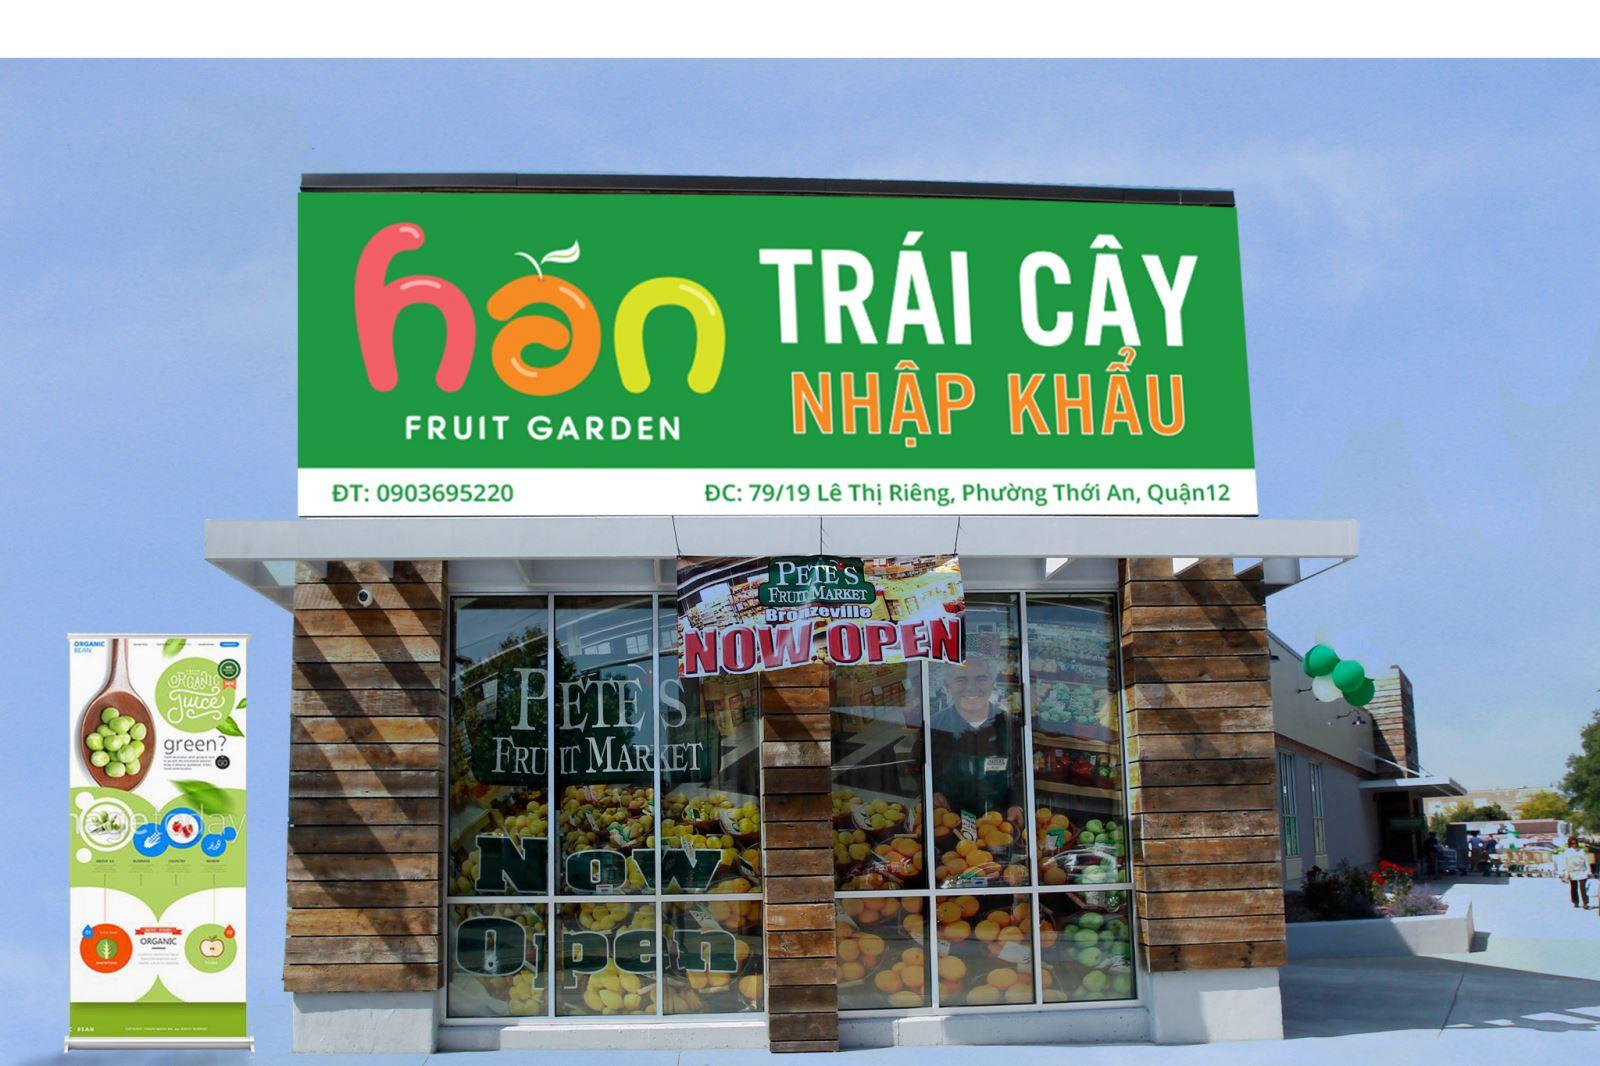 Thiết kế bảng hiệu, standee thương hiệu Han Fruit Garden